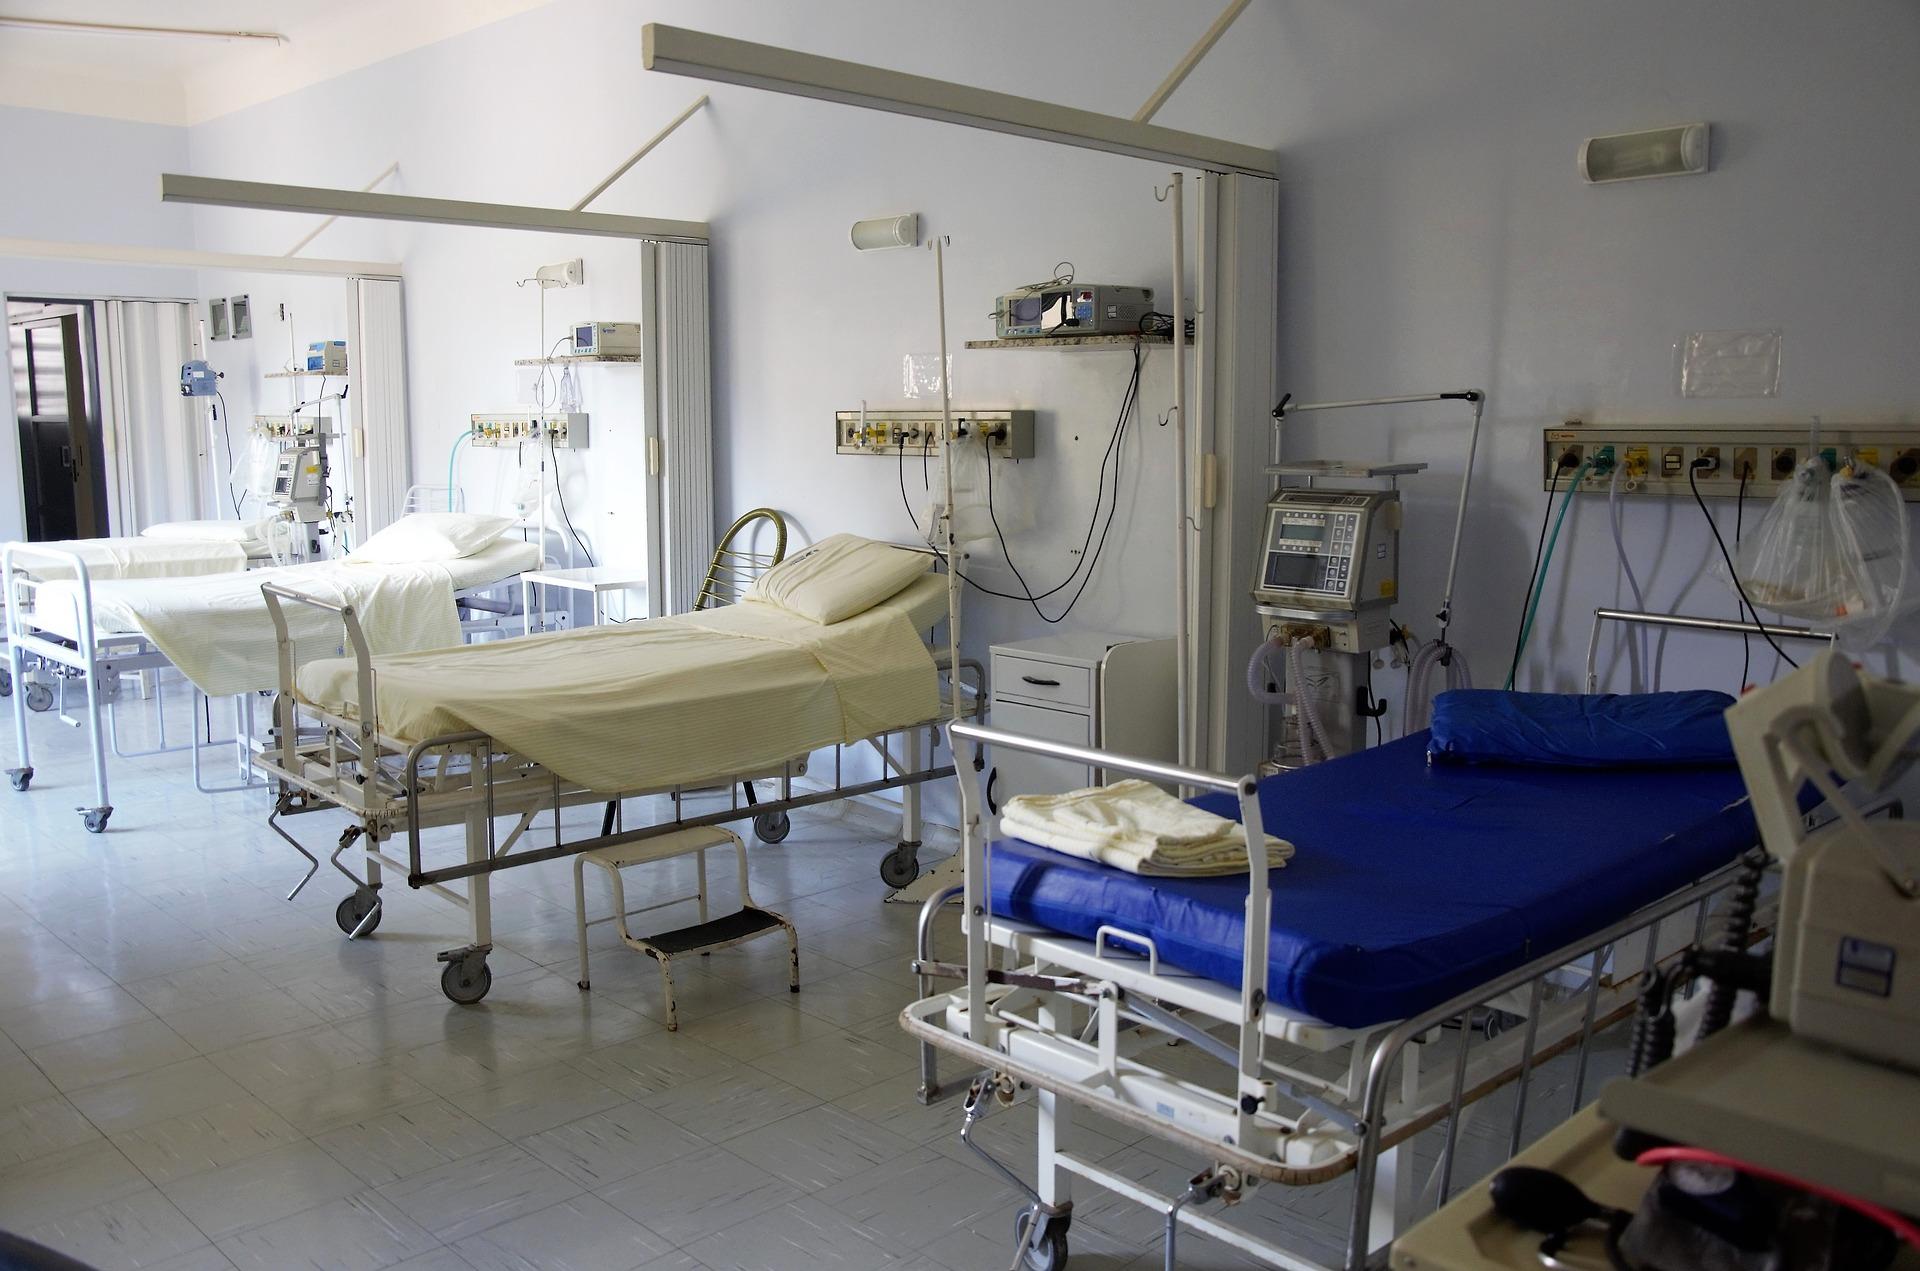 חדר אשפוז בבית חולים – ביטוח בריאות פרטי